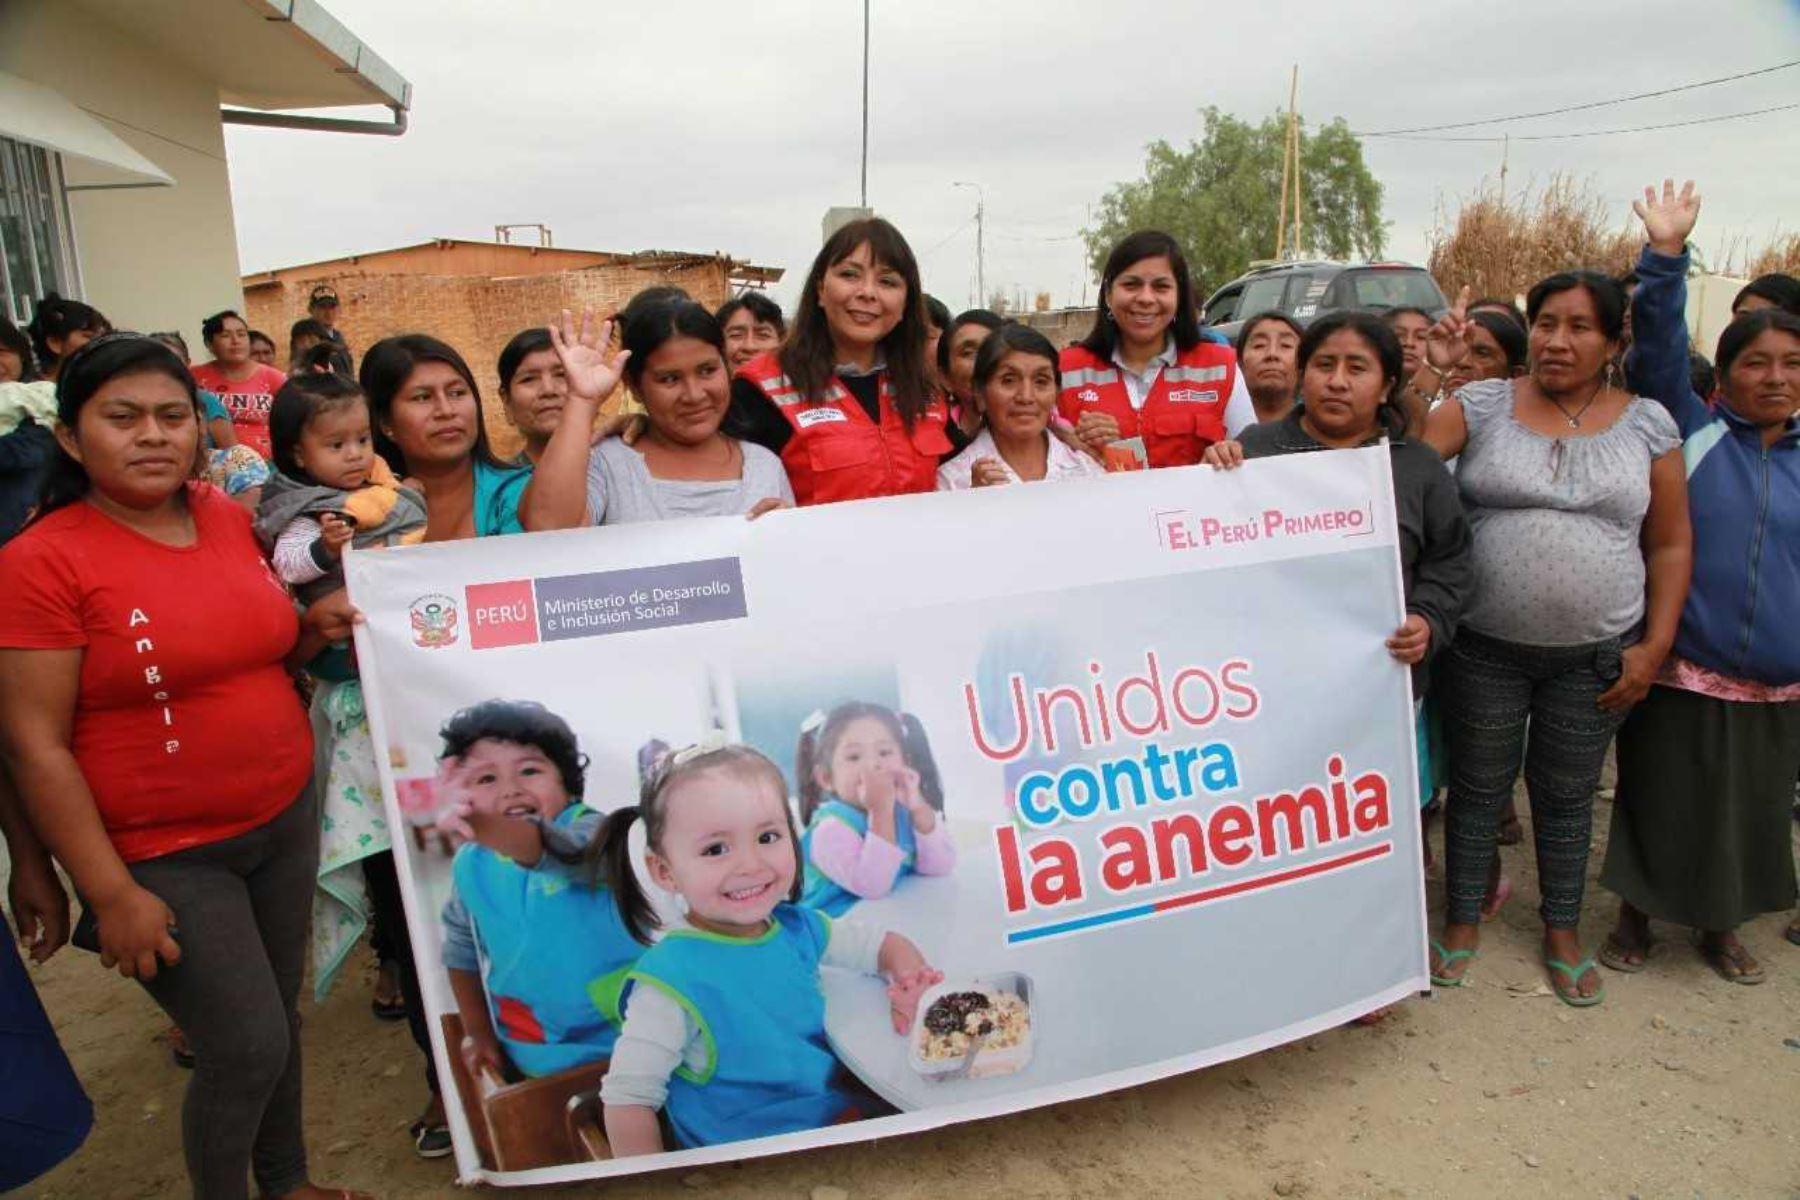 La ministra de Desarrollo e Inclusión Social, Liliana La Rosa, resaltó hoy la importancia que todos los alcaldes distritales del país se involucren en las estrategias y acciones que plantea la lucha contra la anemia para así lograr los mejores resultados.